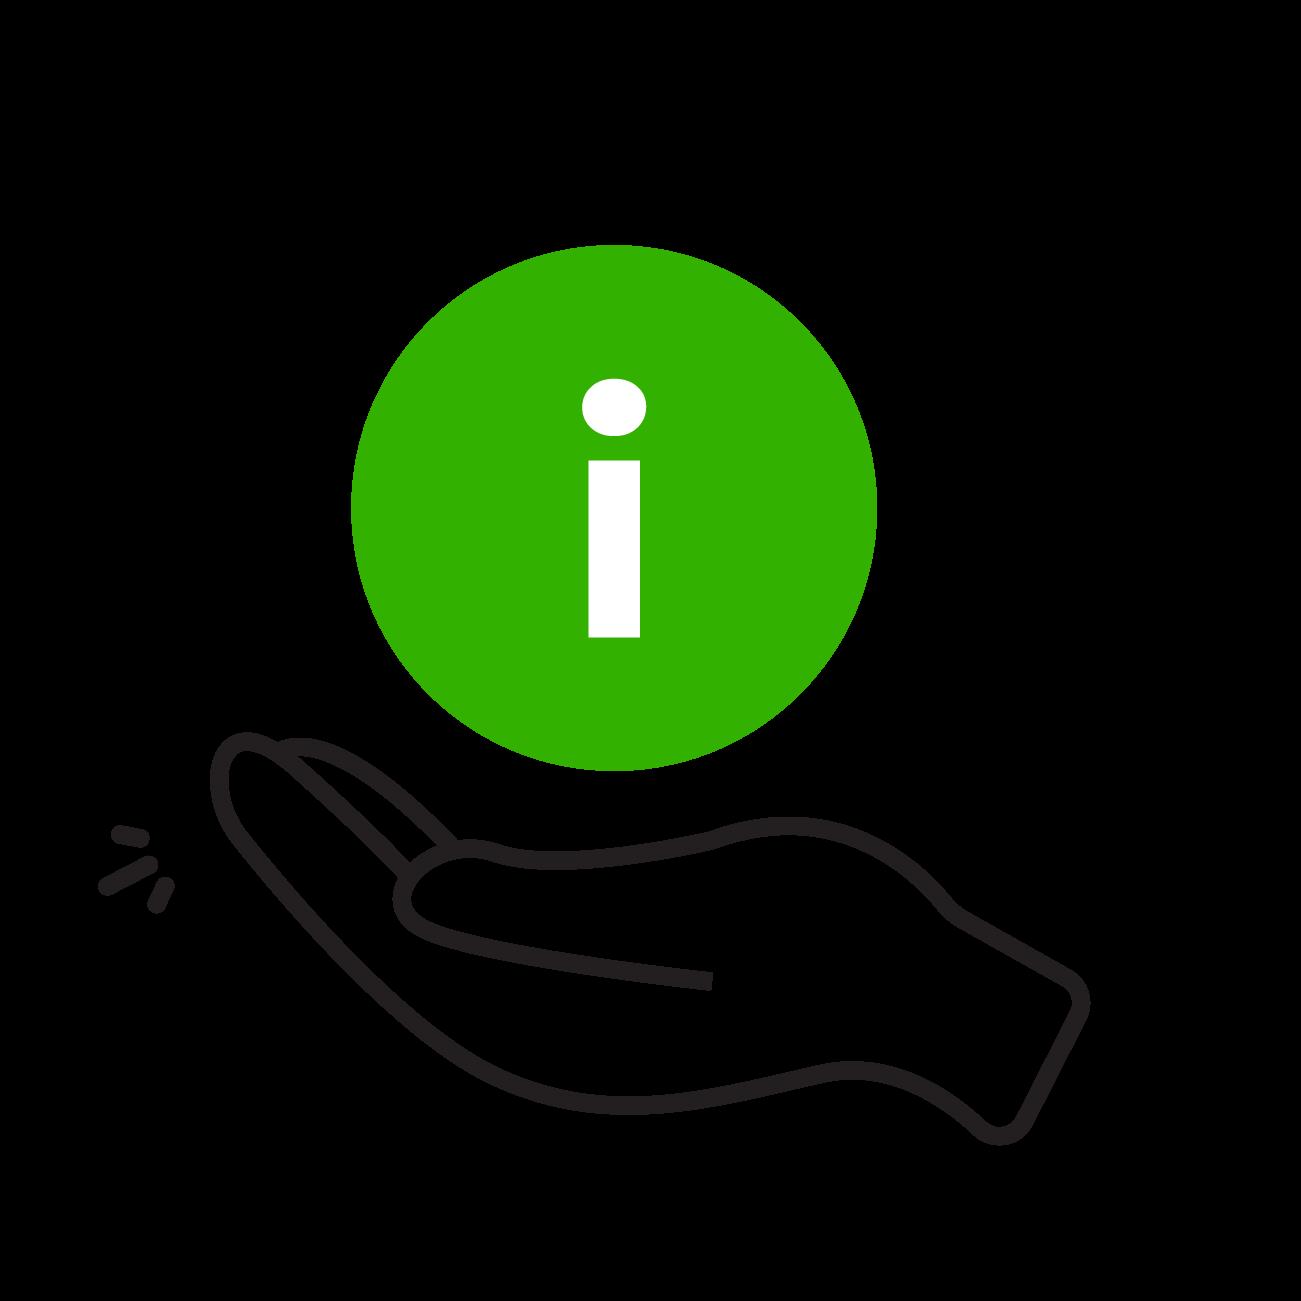 sharing hand icon